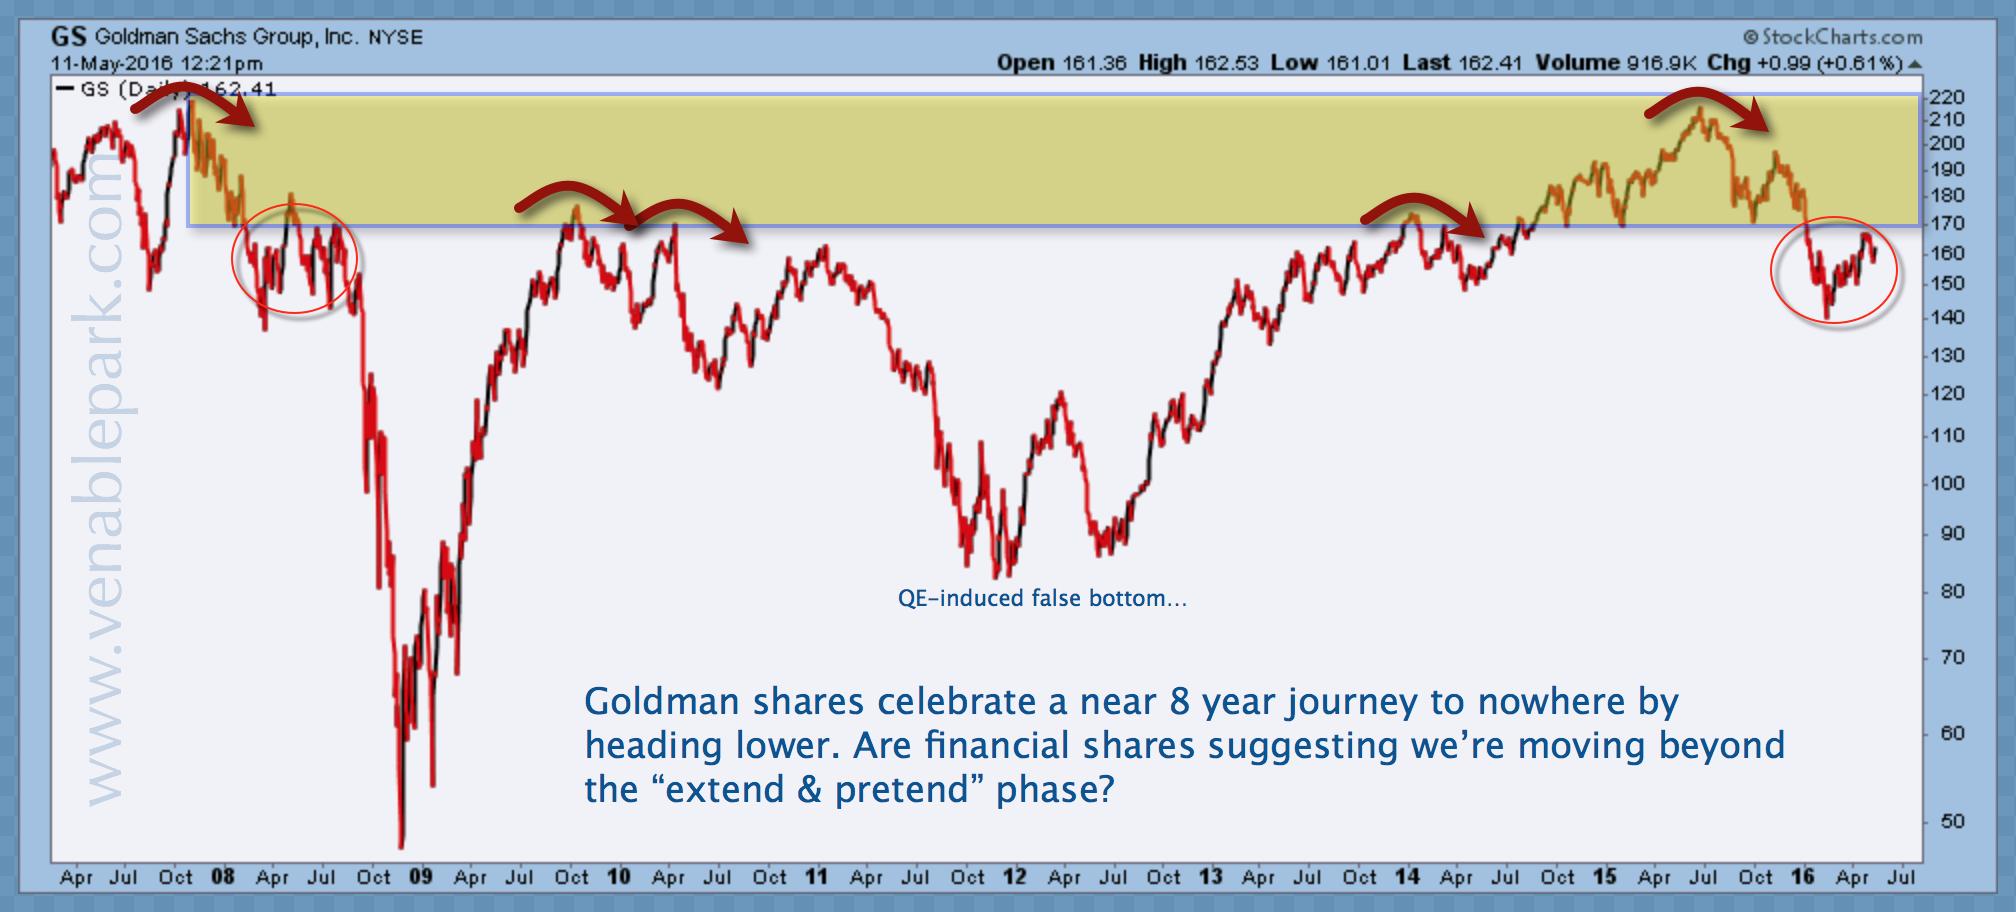 Goldman shares May 11 2016